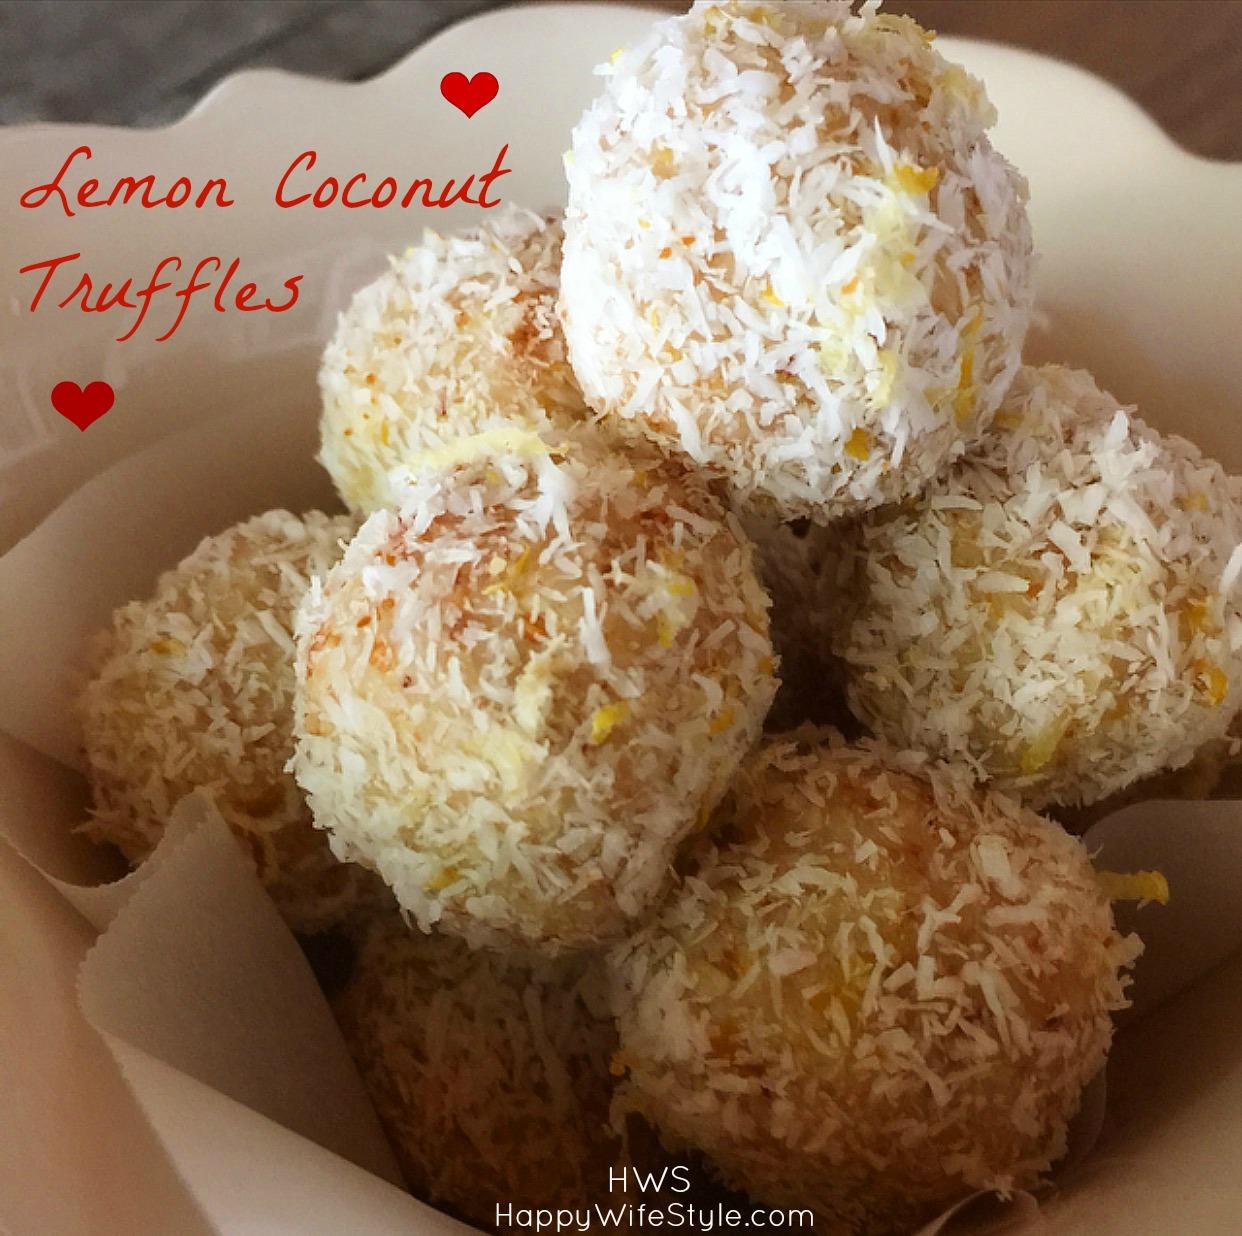 lemon_coconut_truffles